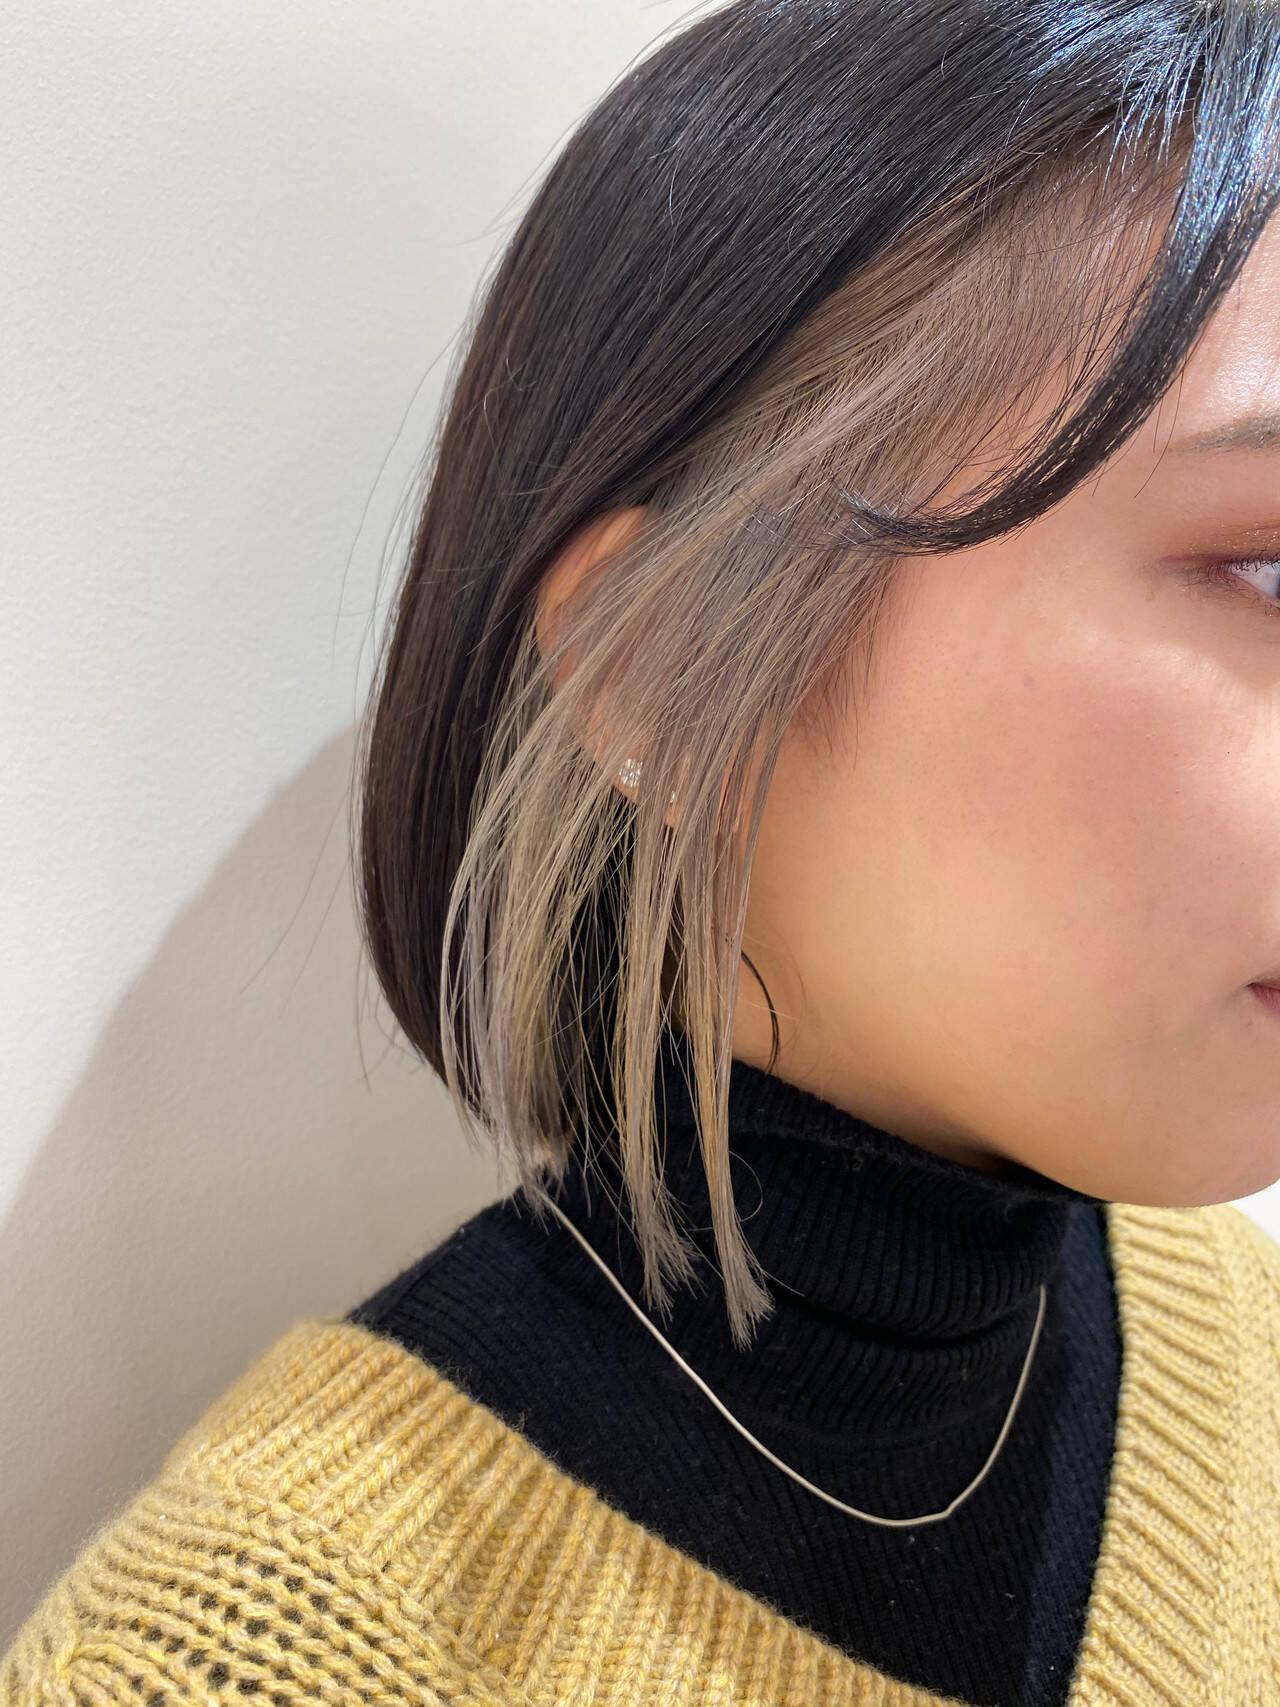 モード 暗髪女子 ボブ 切りっぱなしボブヘアスタイルや髪型の写真・画像